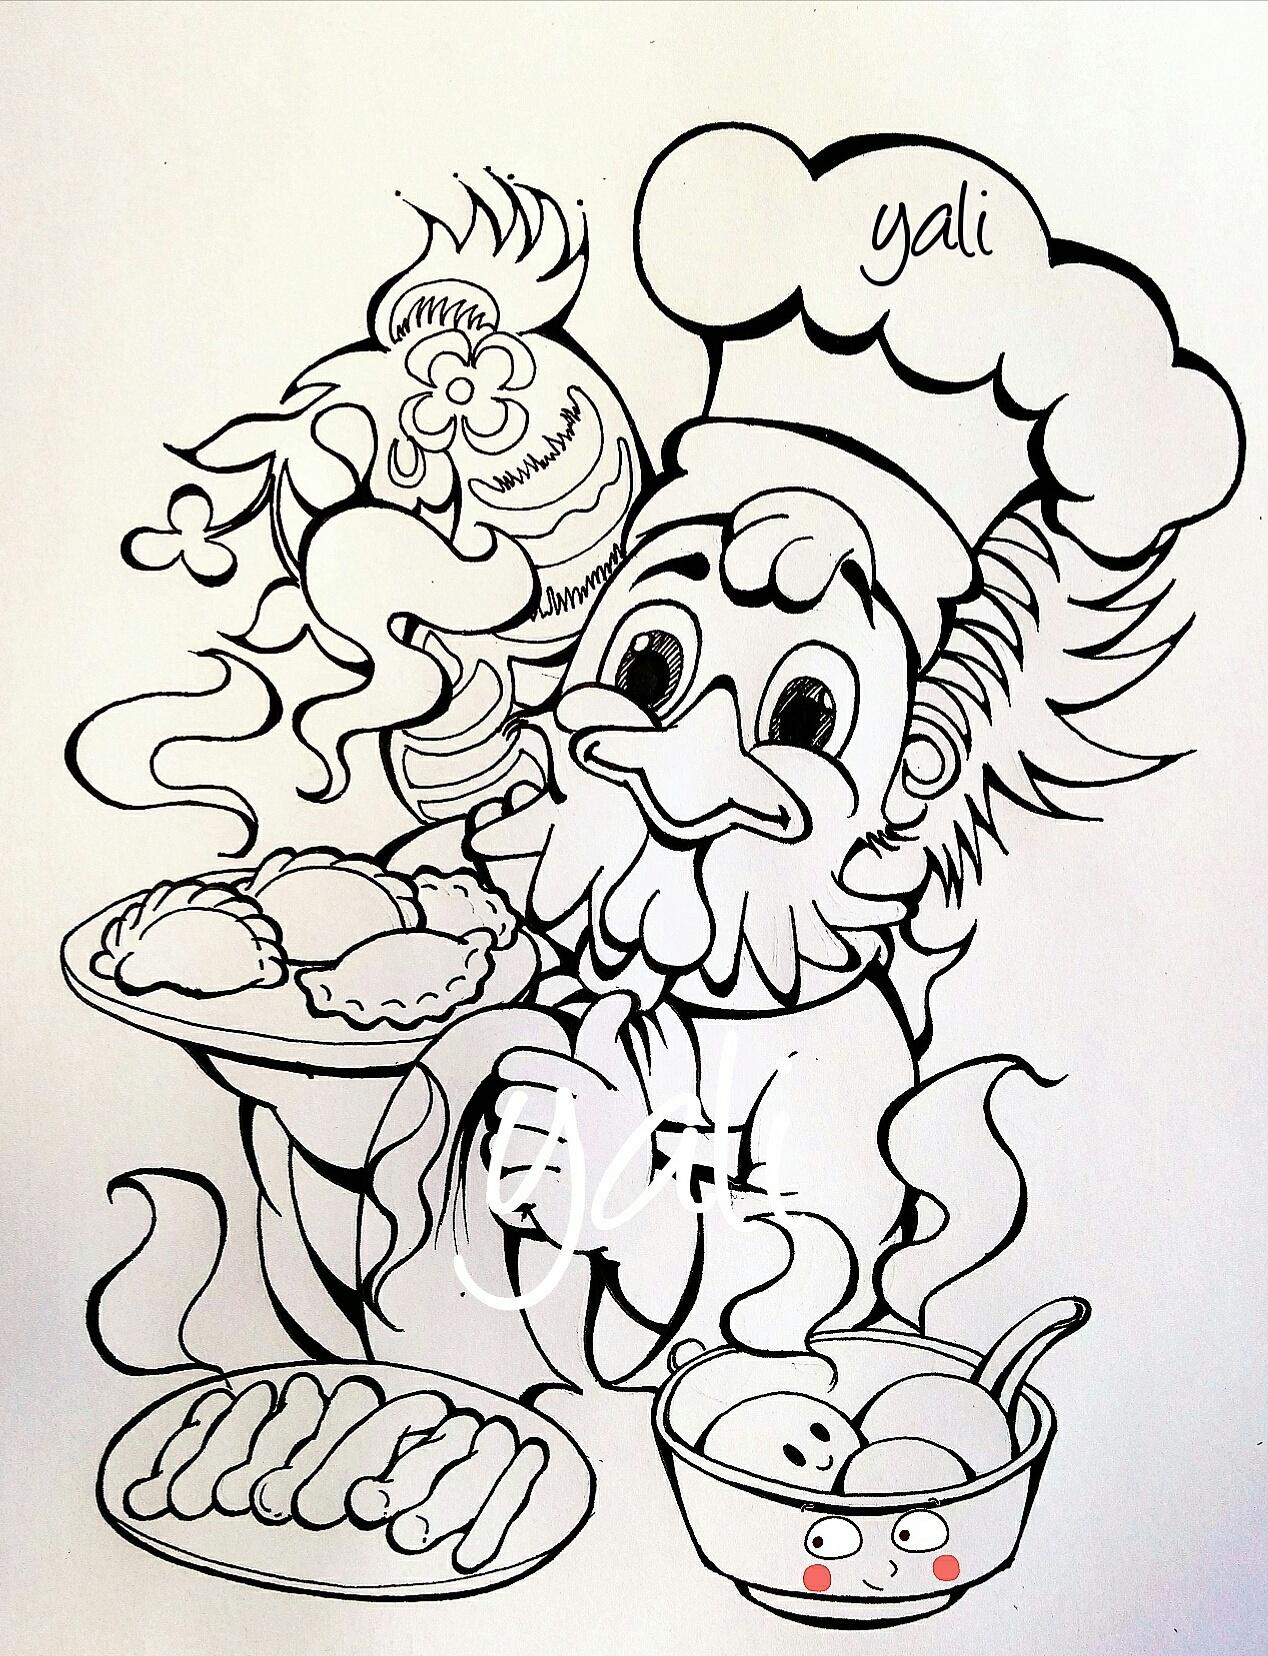 设计说明:本作品的灵感主要来自于鸡年的生肖文化内涵,春节传统图片